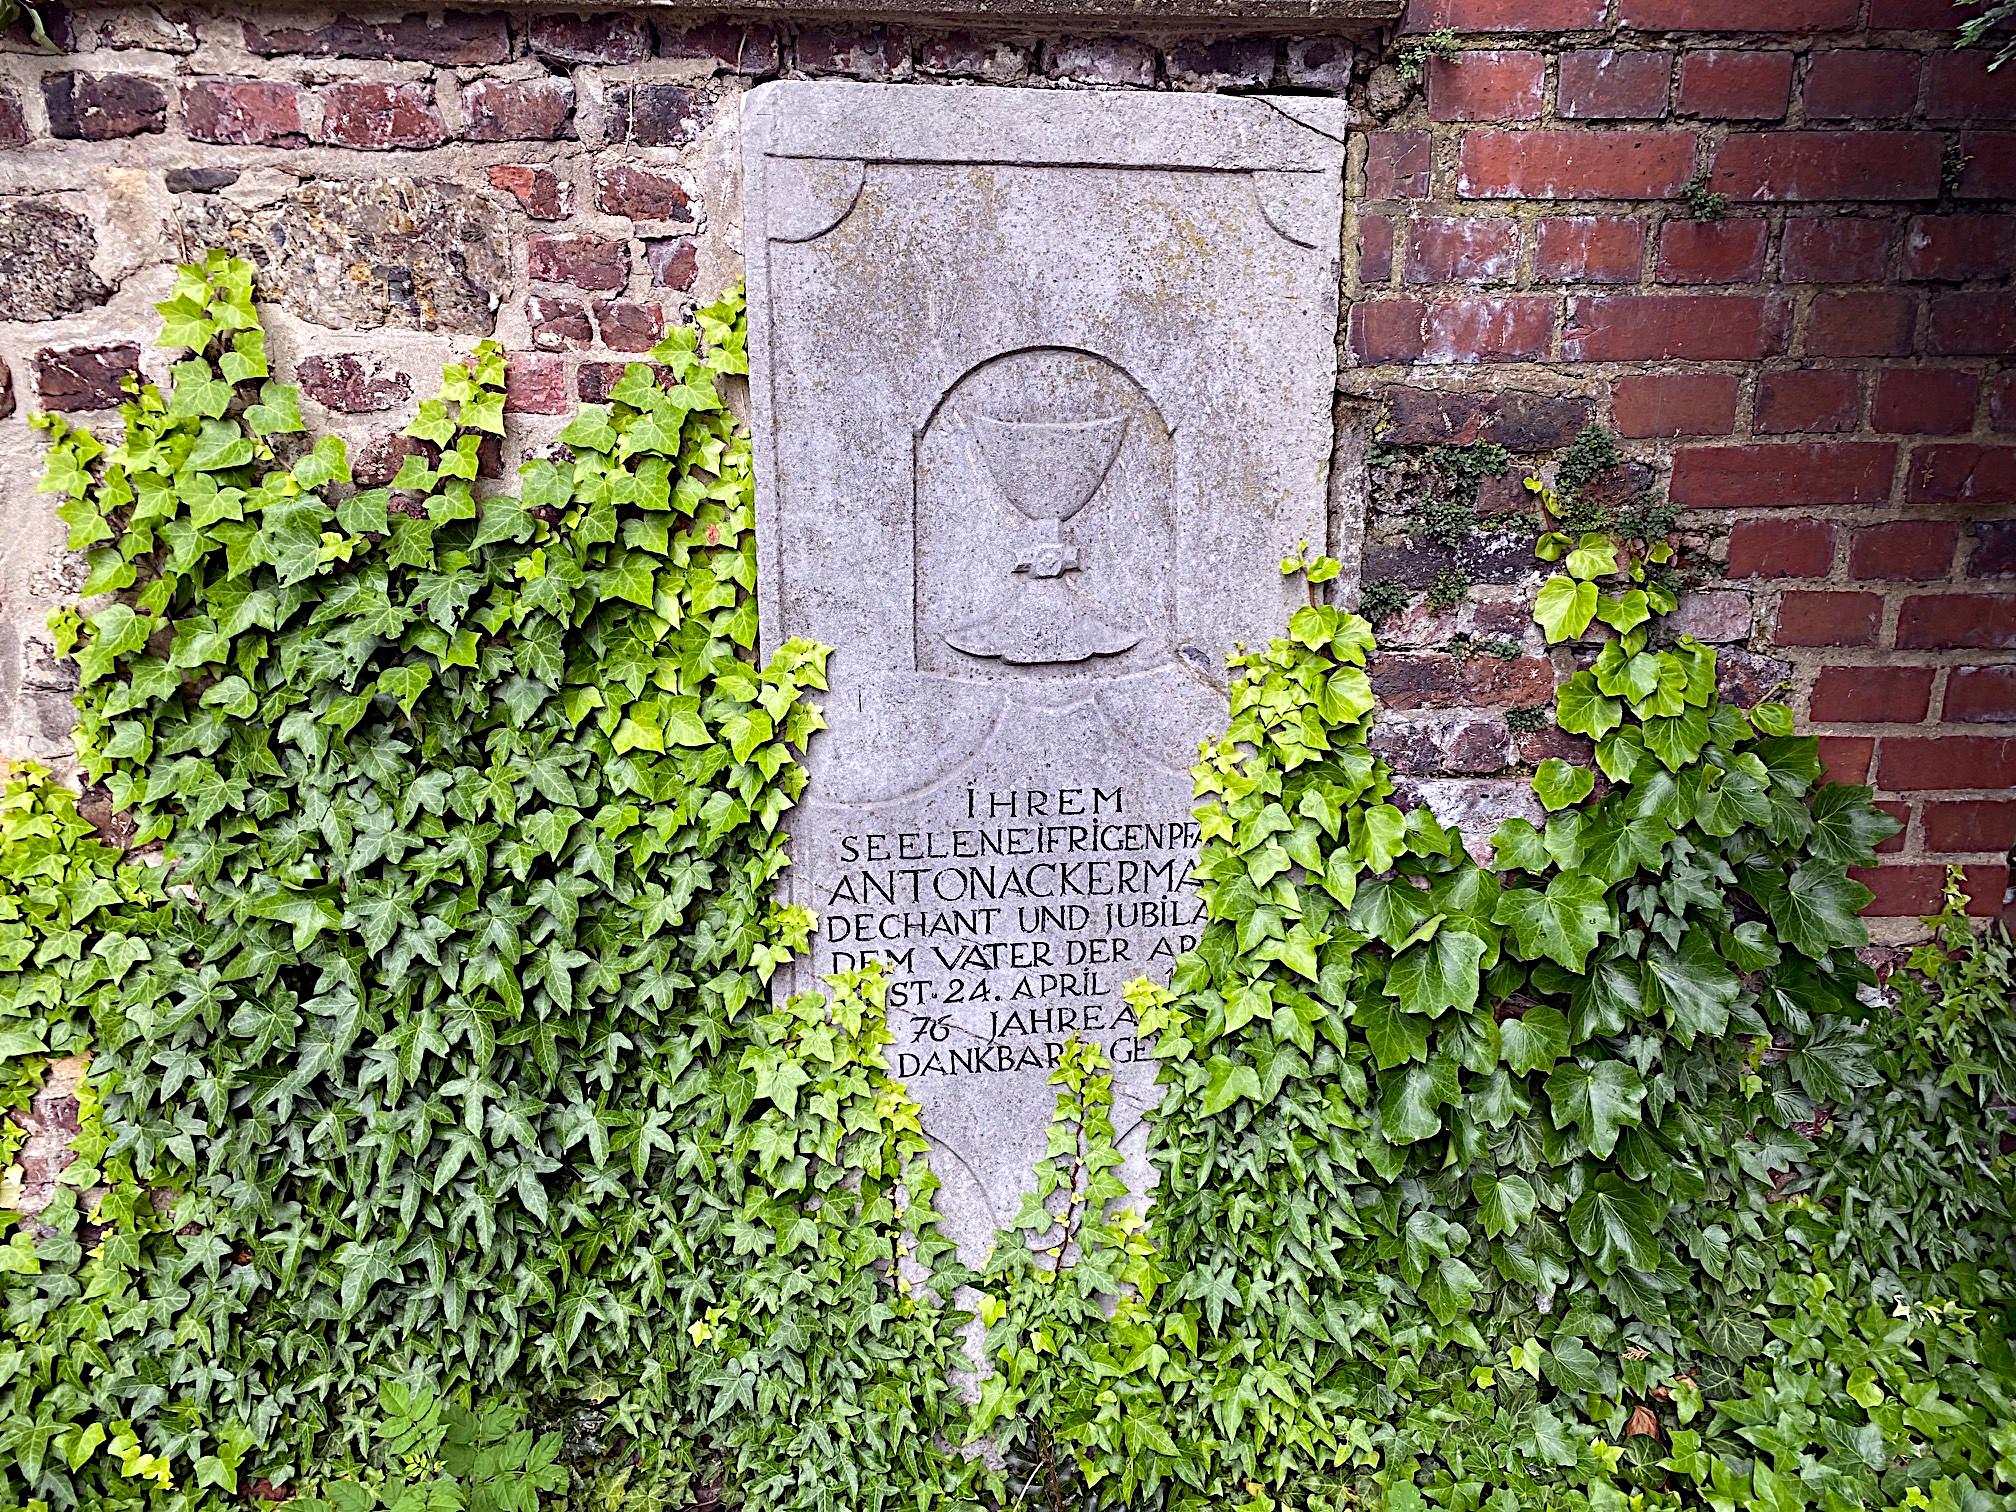 Friedhof Anton Ackermann (c) Fabian Capellmann (c) Fabian Capellmann